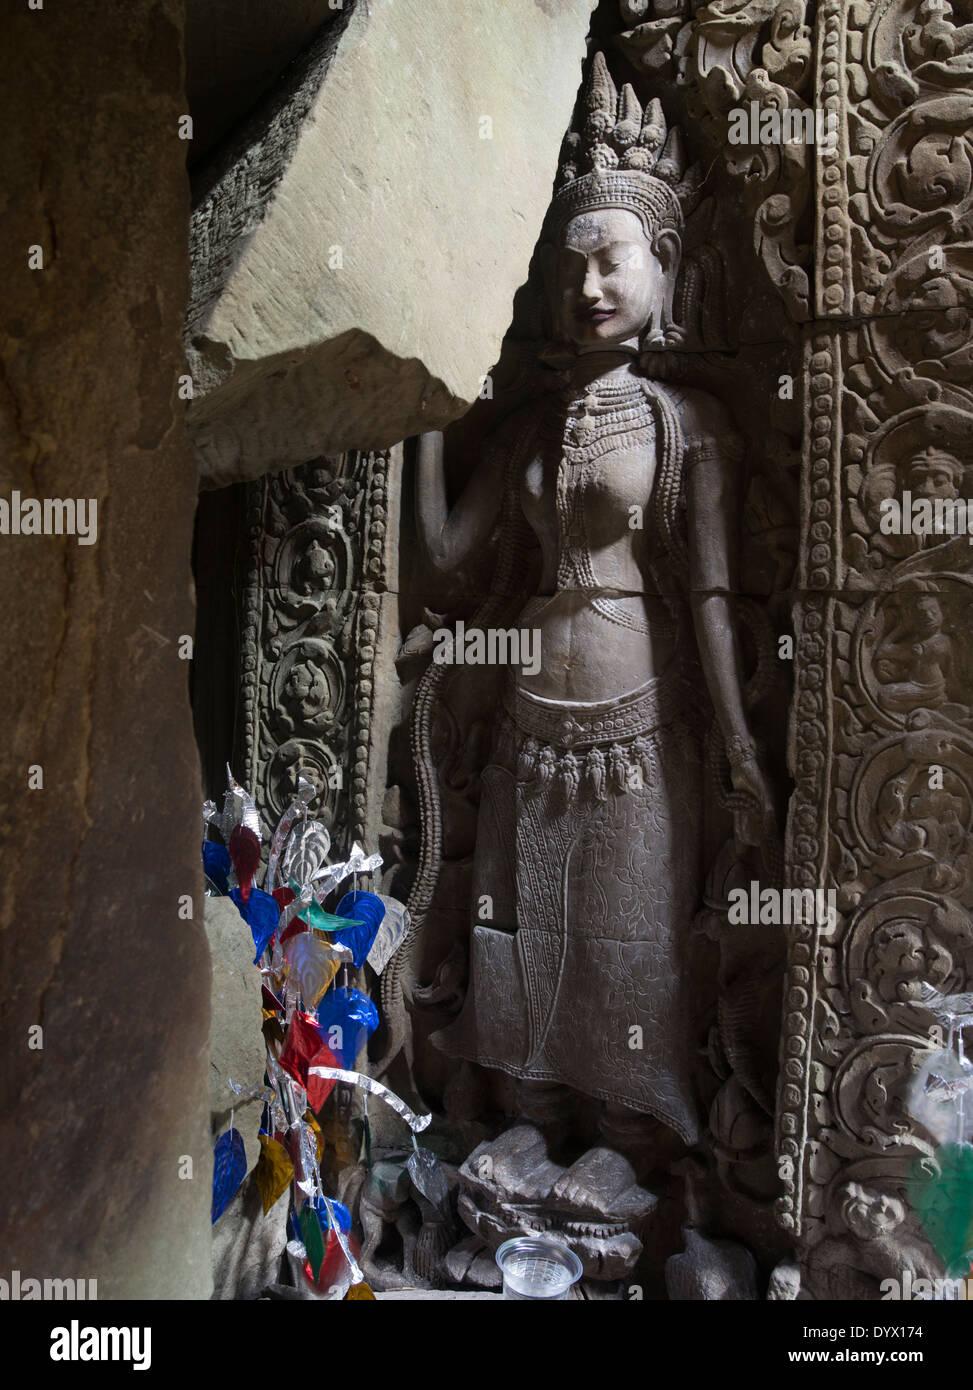 Sandstone bas-relief carvings of Apsara at Preah Khan Temple, Siem Reap, Cambodia - Stock Image